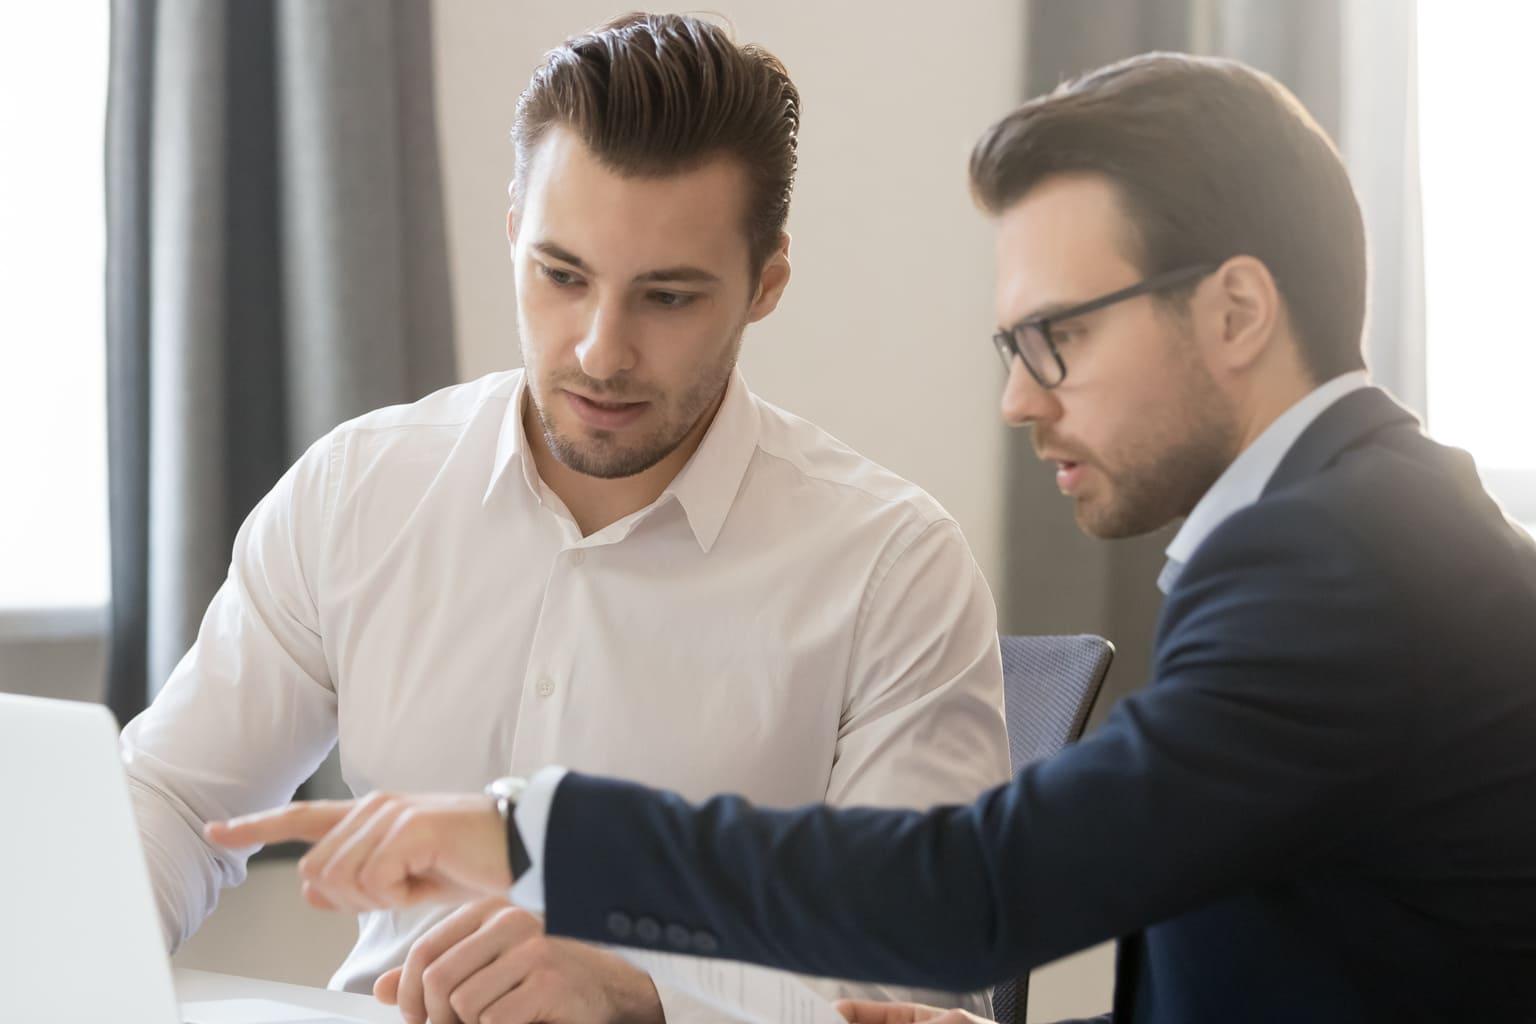 Mannen bekijken samen service overeenkomst